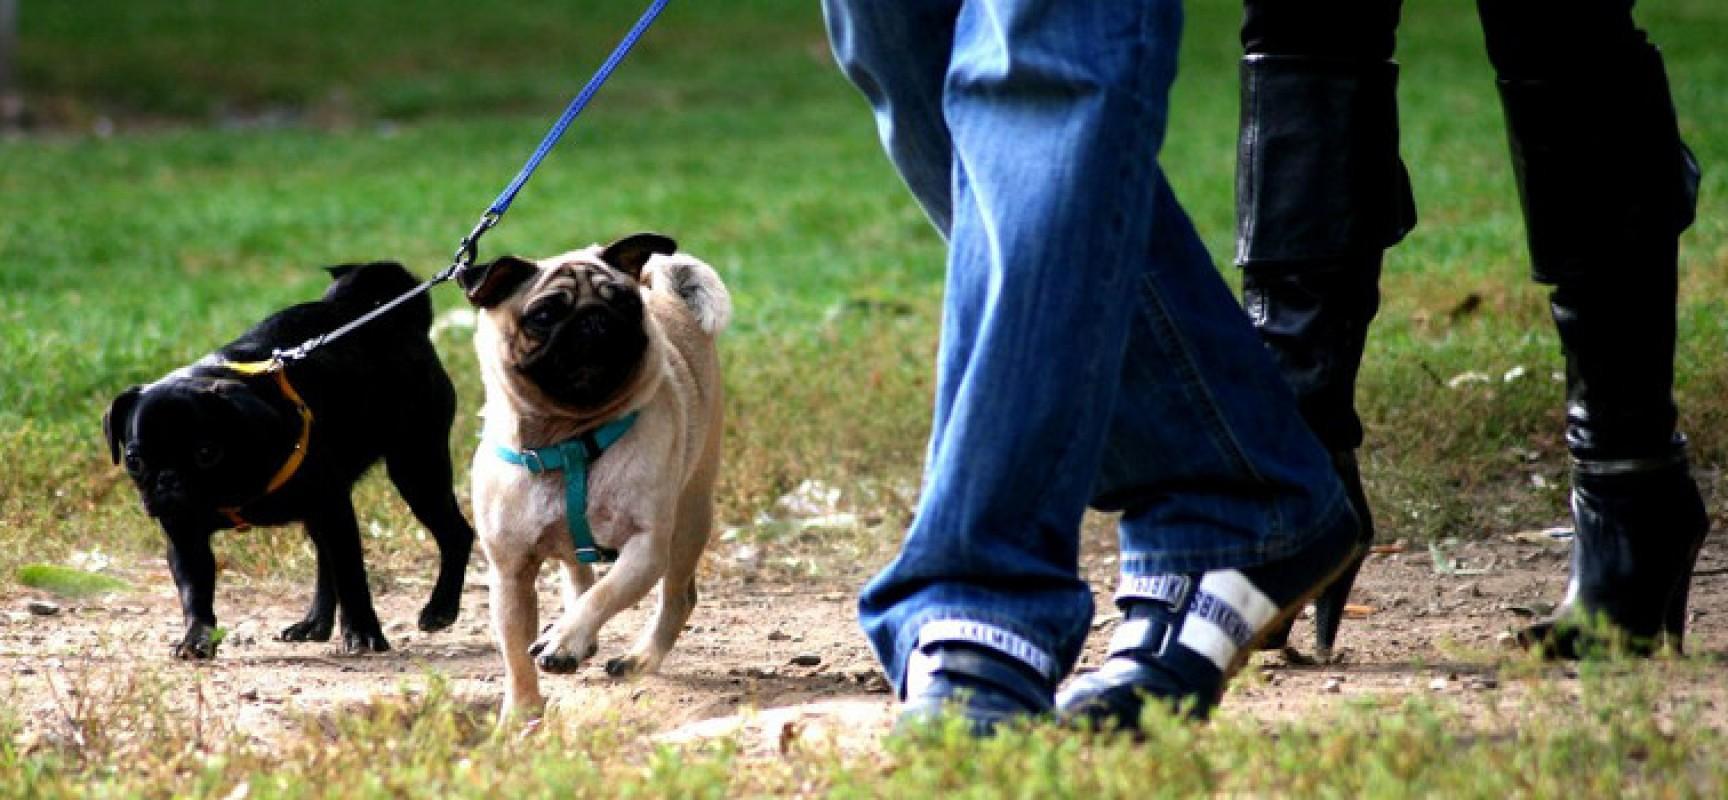 Zona seminario, i residenti chiedono dei cestini dove conferire le deiezioni dei propri cani